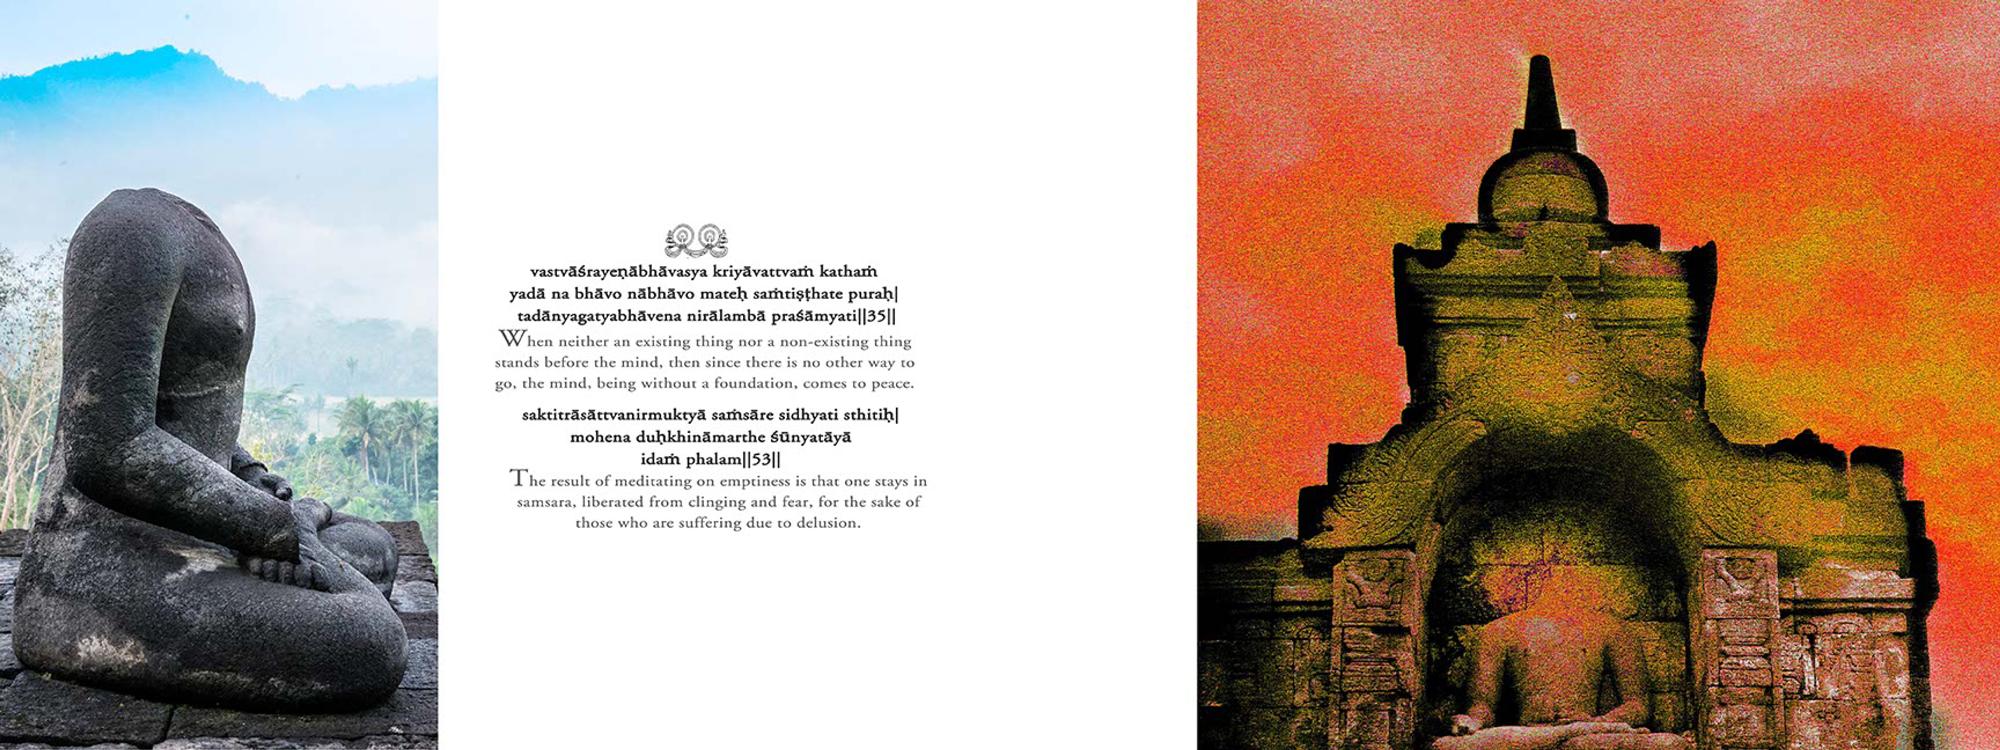 Borobudur-&-Diamond-Cutter-33